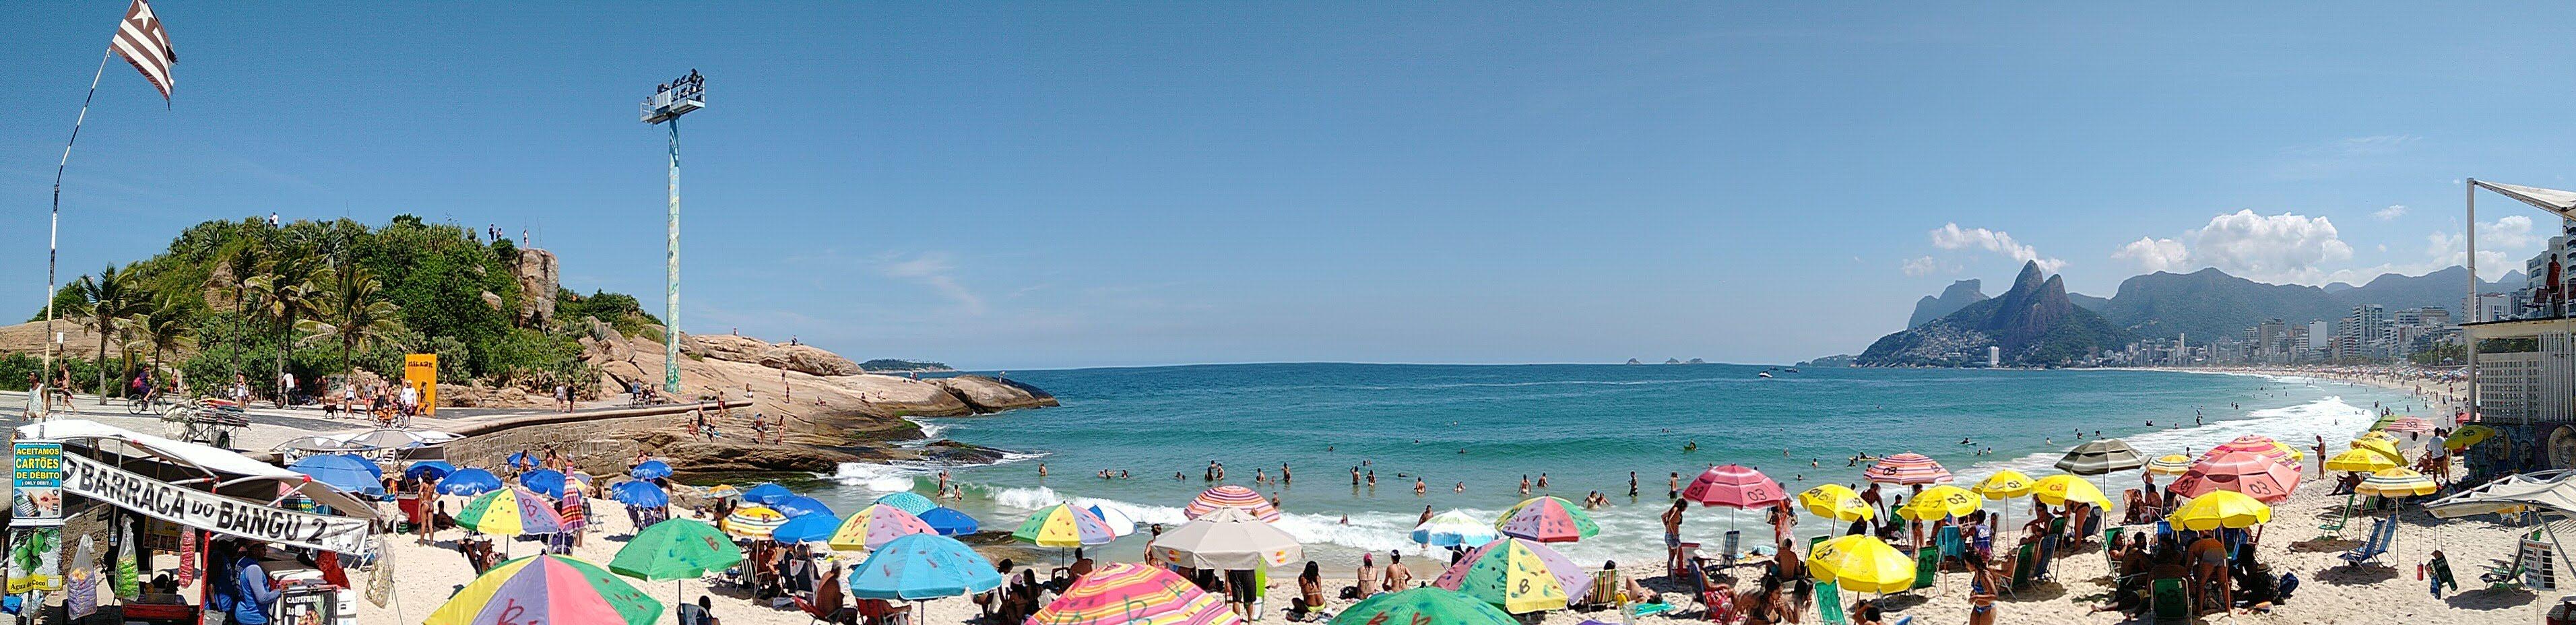 Praia do Arpoador em um típico sábado de sol. Imagem panorâmica feita com o moto g⁷ plus